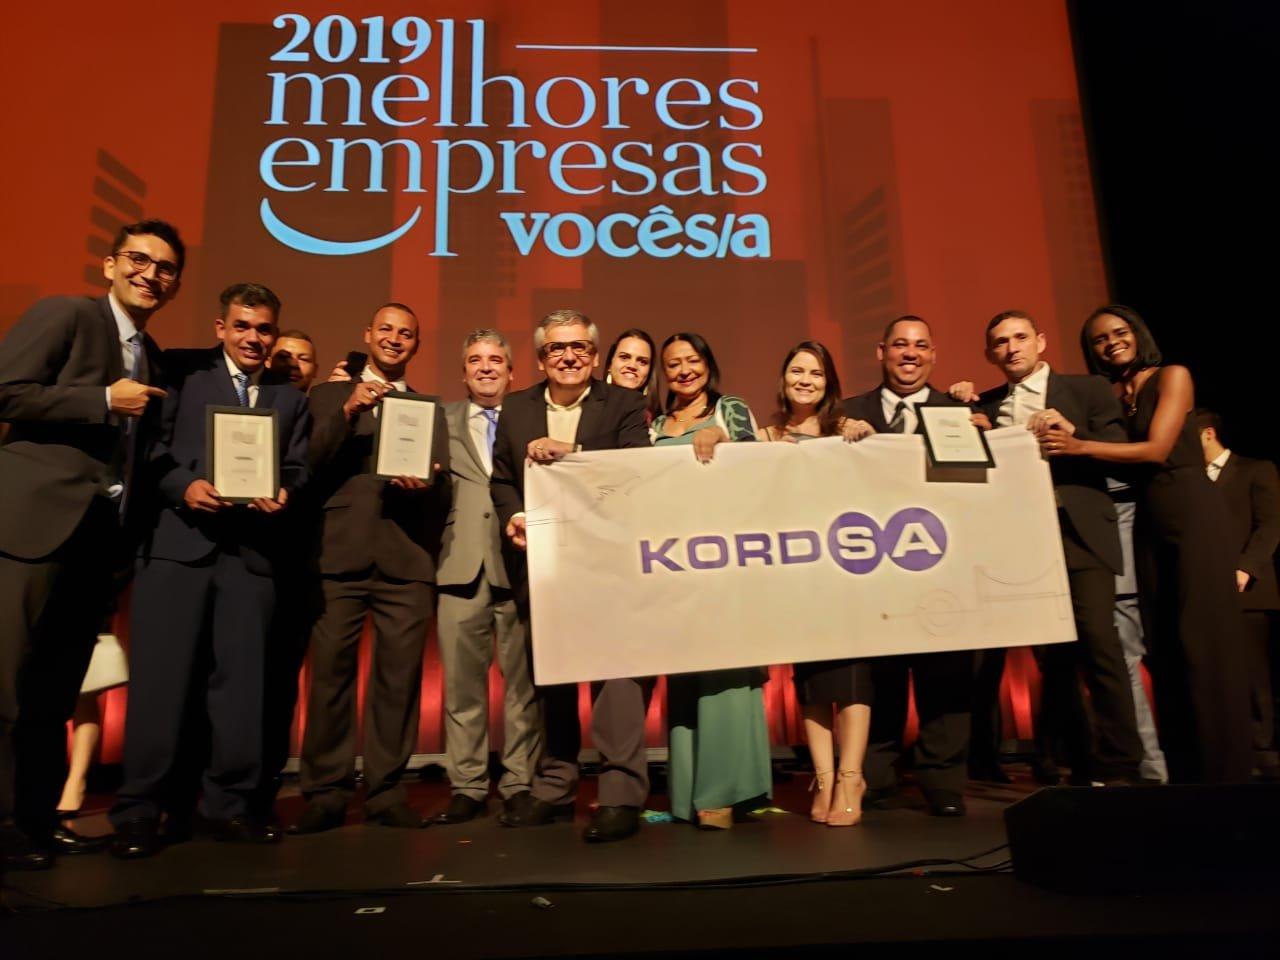 Kordsa, Brezilya'da Yılın Şirketi Seçildi